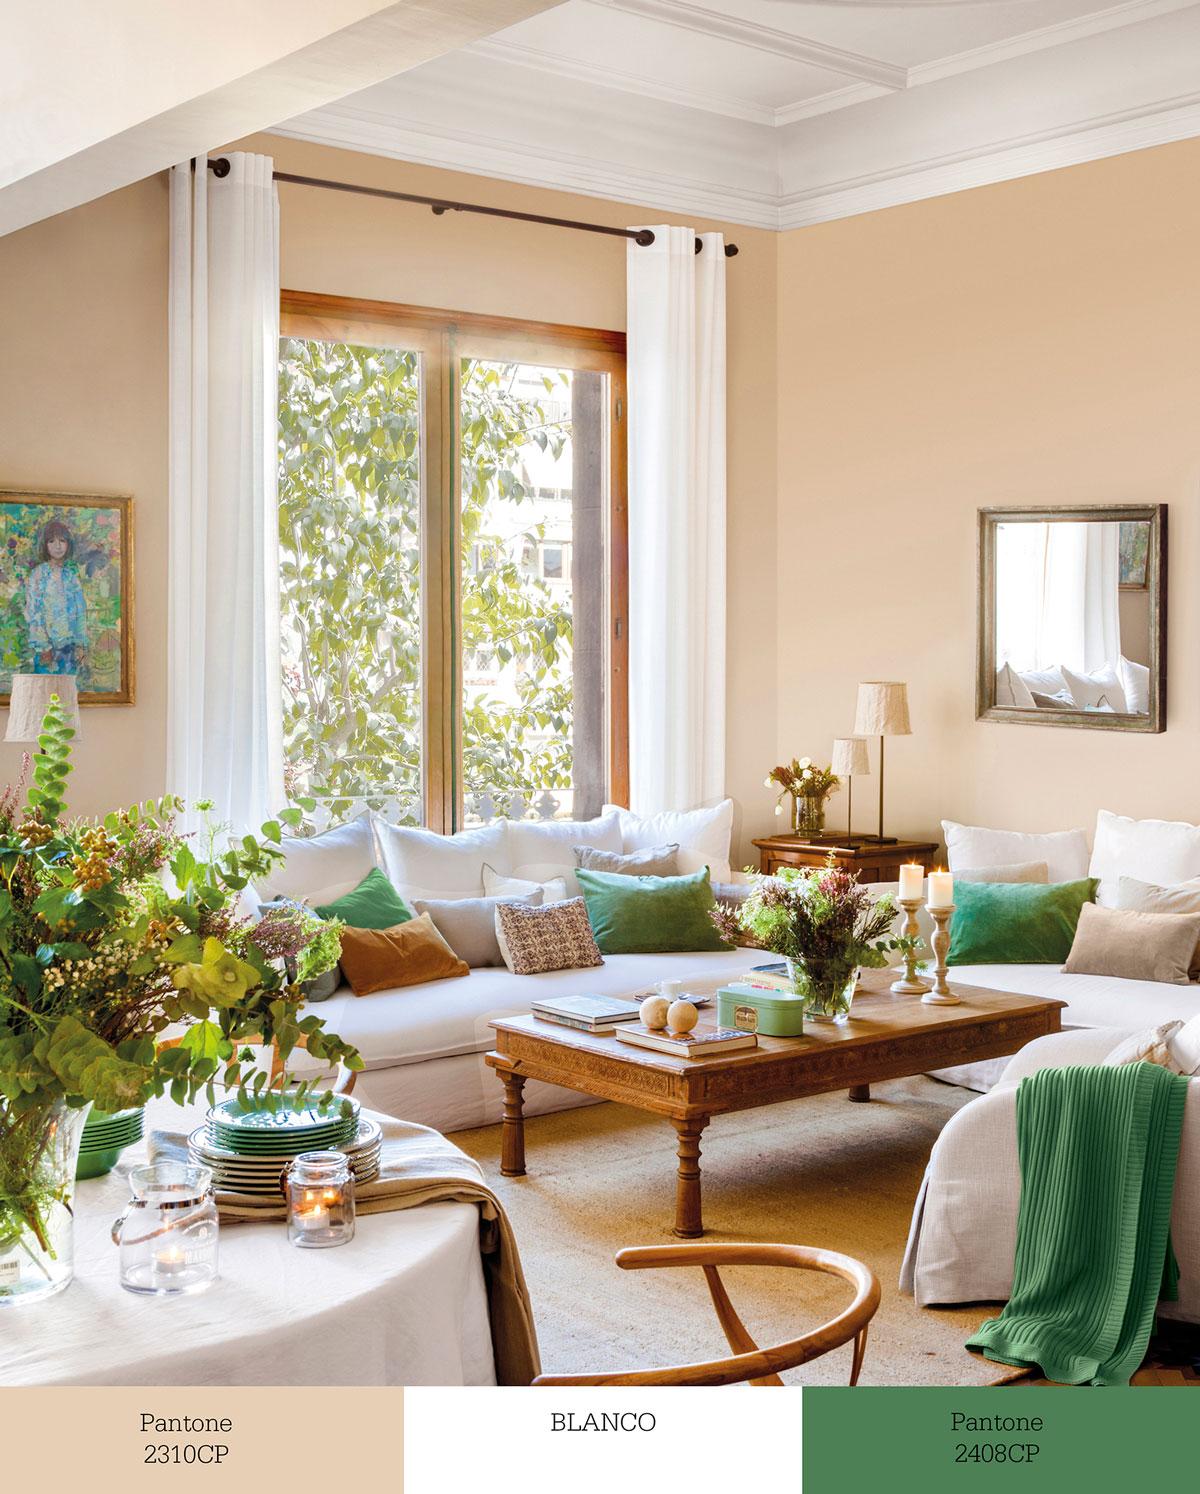 Tr os de colores que transforman tu sal n for Decorar casa con muebles verdes